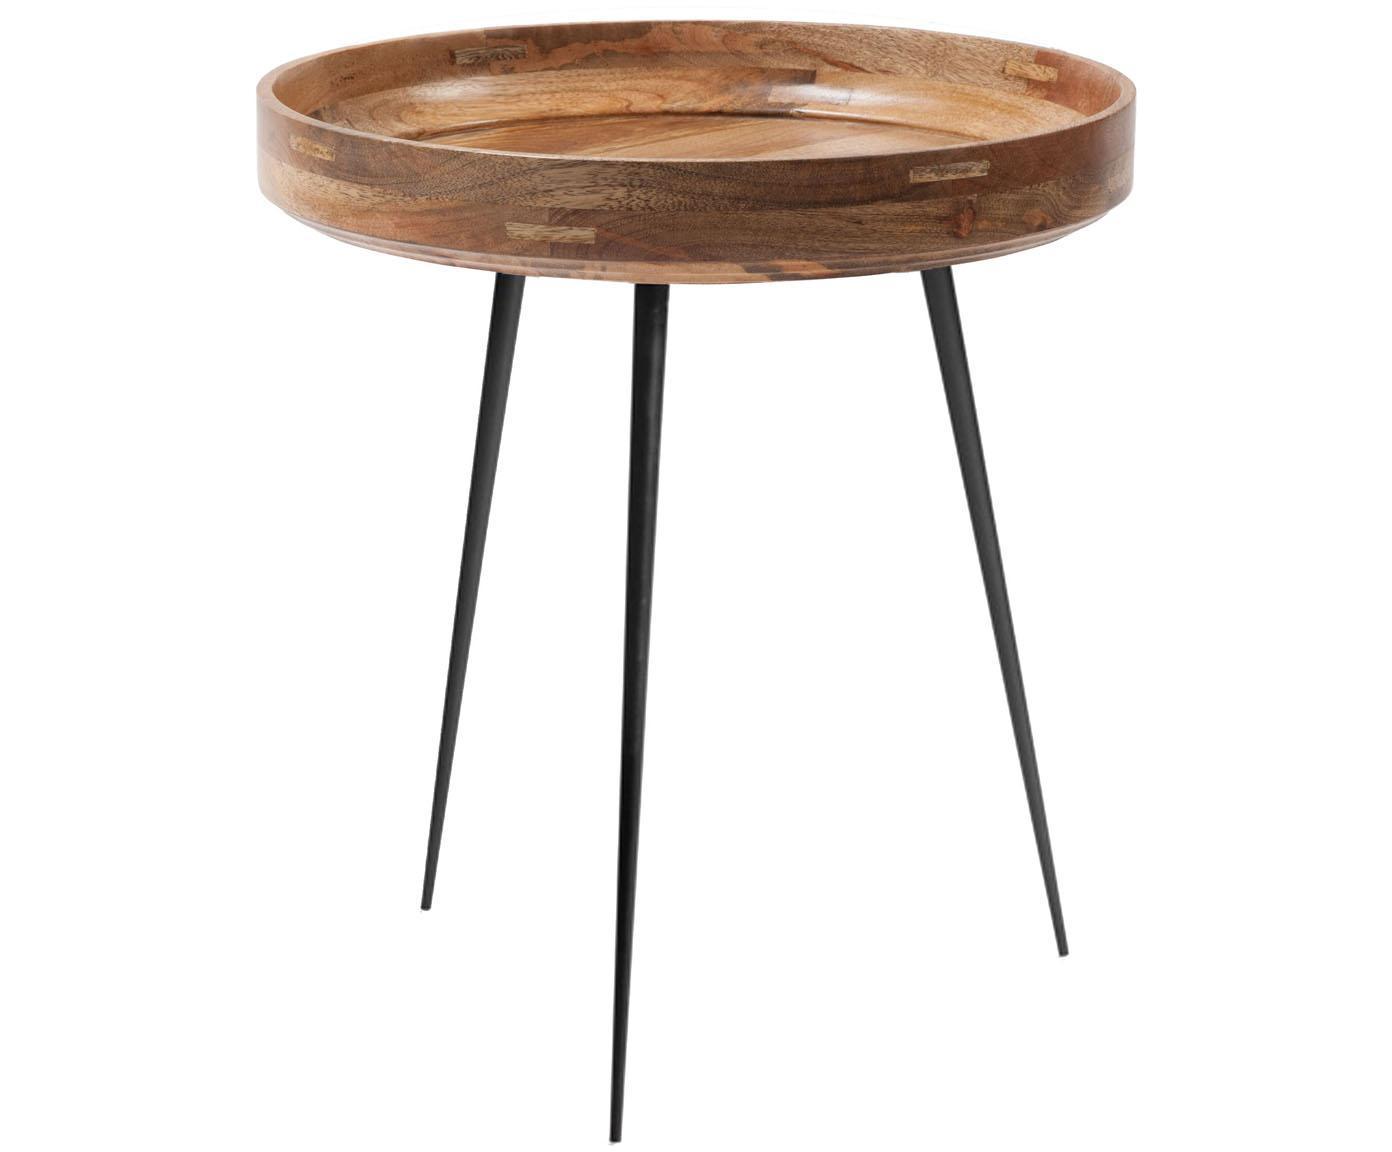 Tavolino in legno di mango Bowl Table, Piano d'appoggio: legno di mango, verniciat, Gambe: acciaio, verniciato a pol, Legno di mango, nero, Ø 46 x Alt. 52 cm